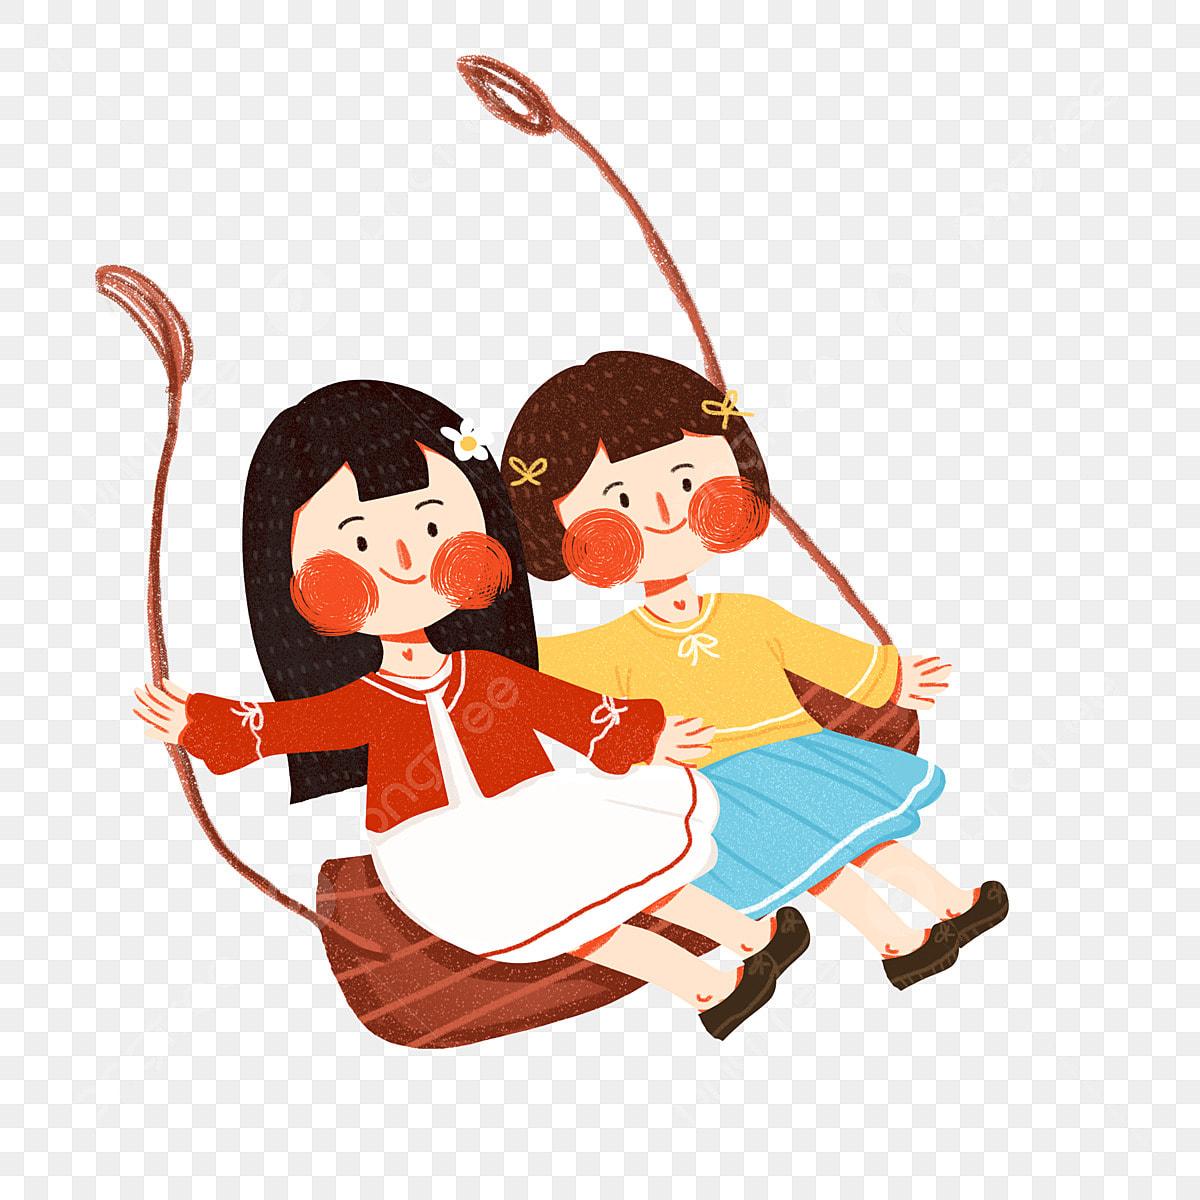 ブランコに乗っている2人の女の子は商業的要素を使うことができます